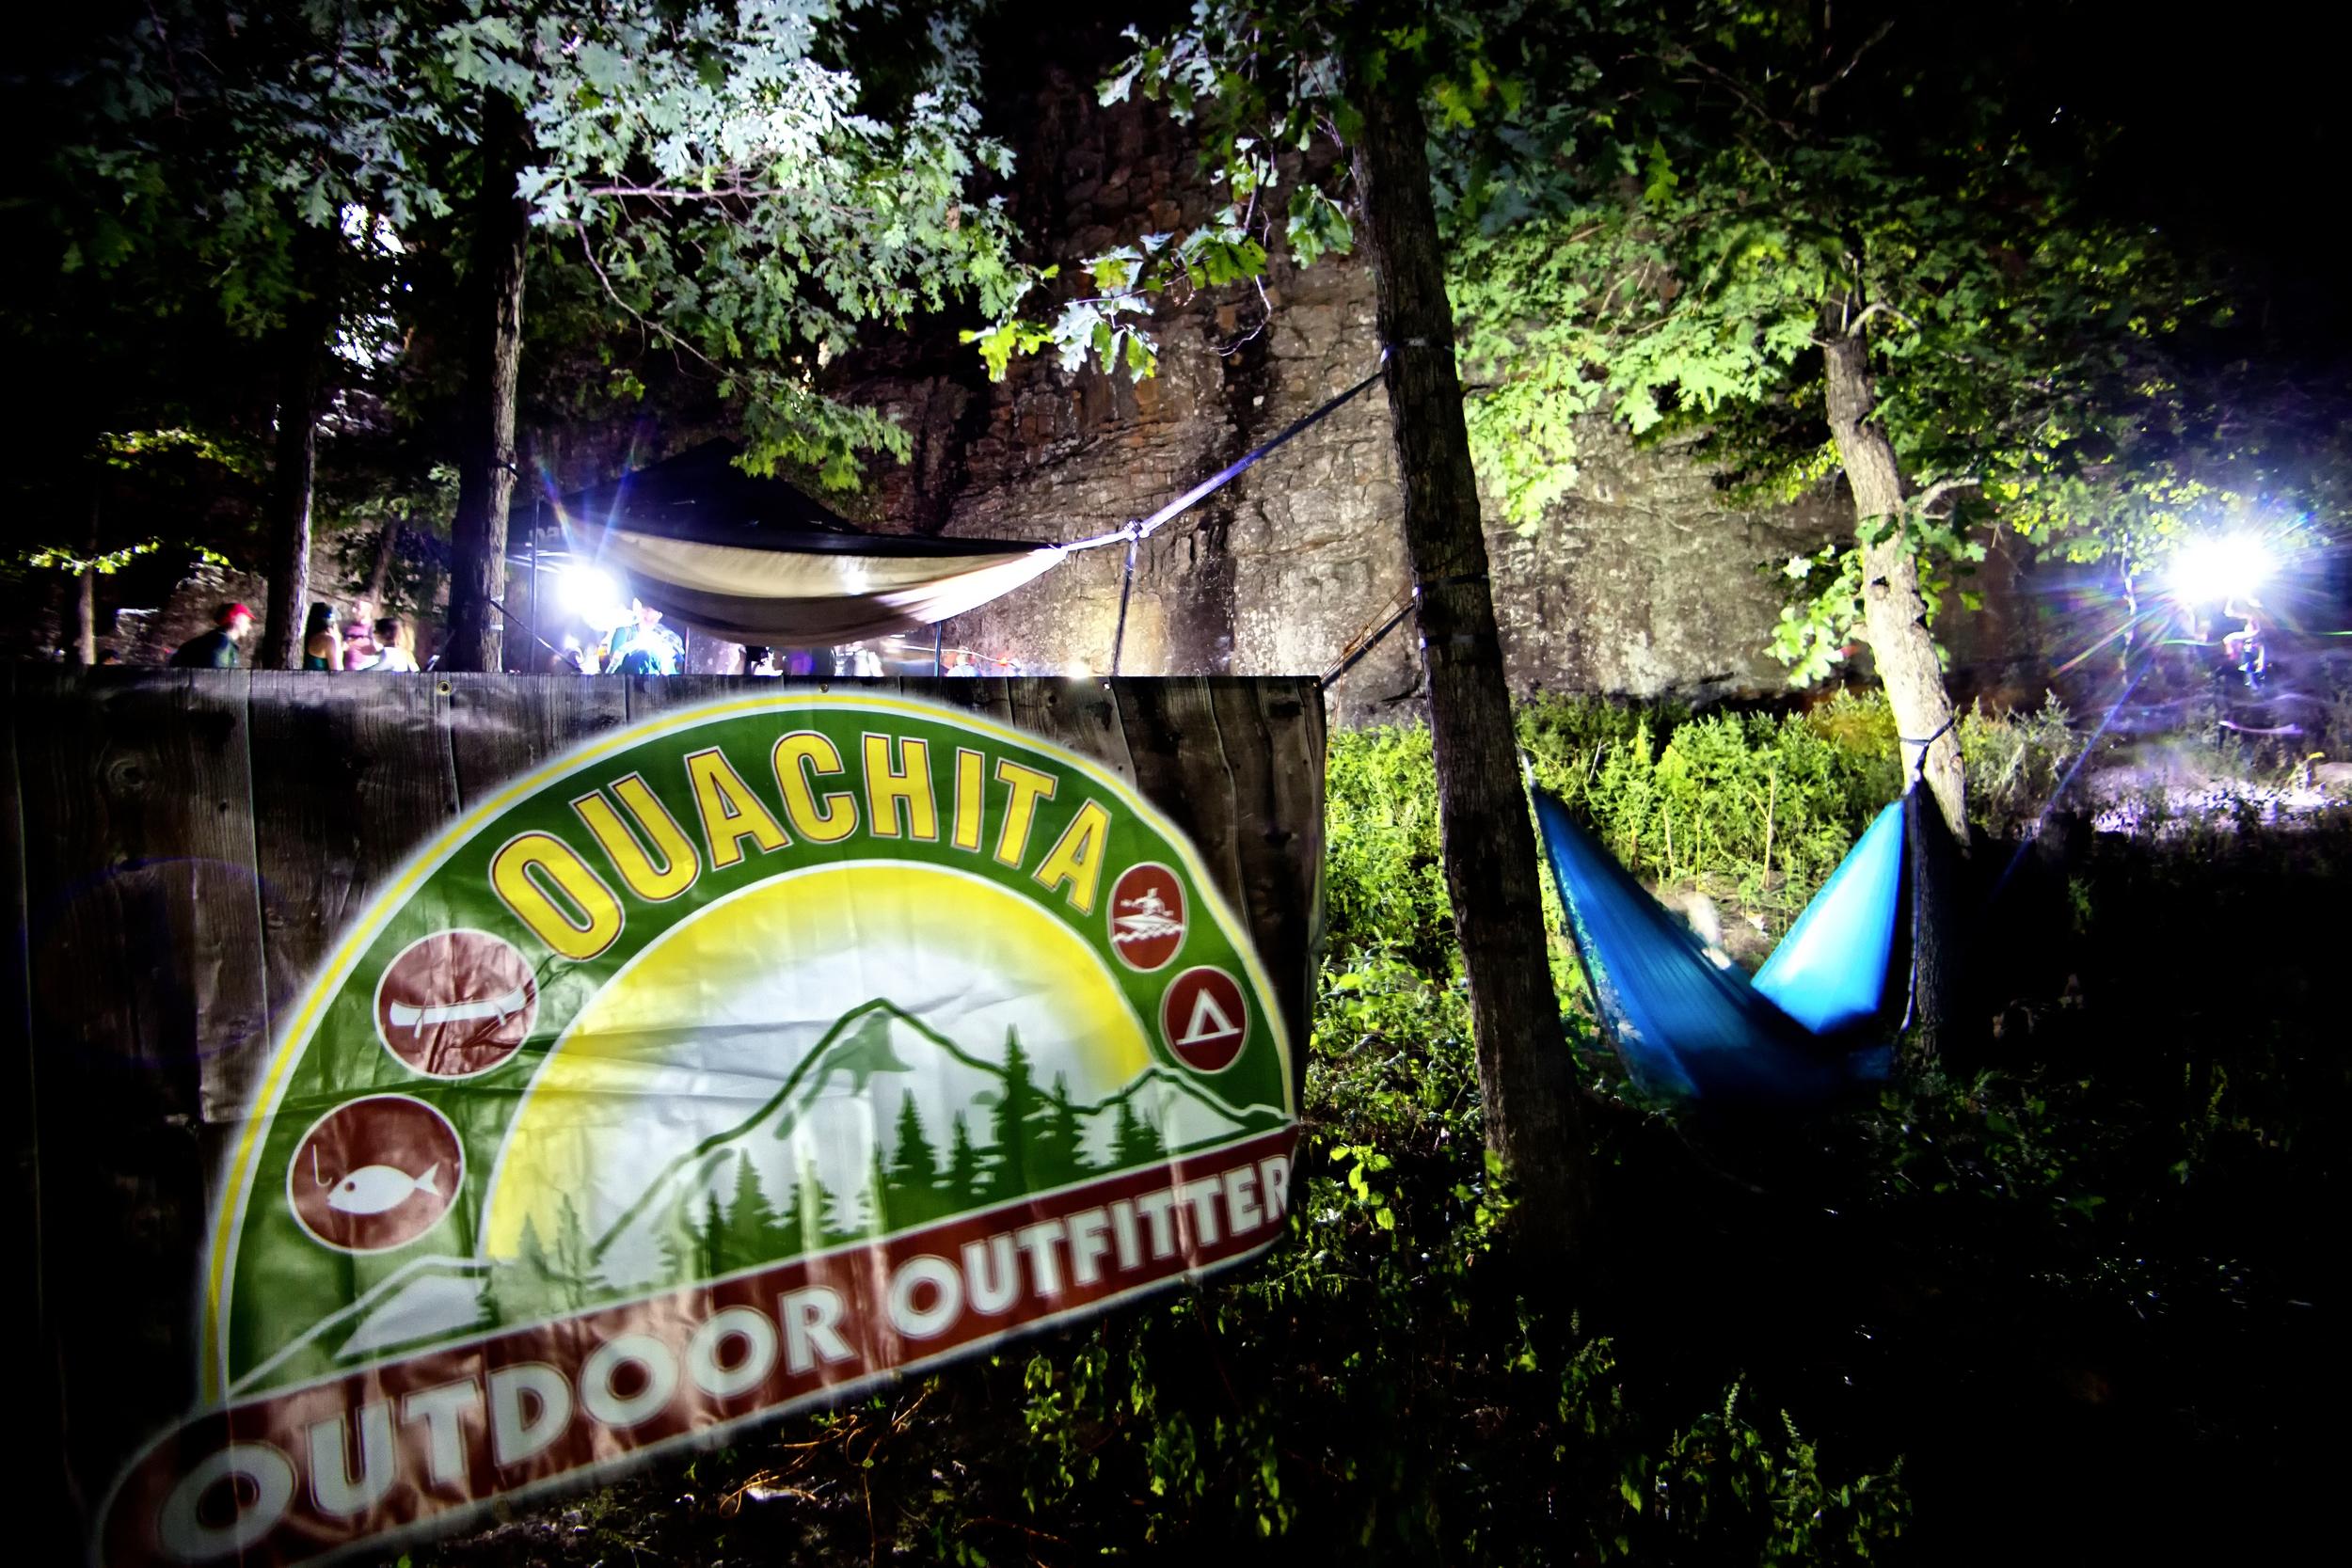 A Ouachita pop-up store at a recent event.